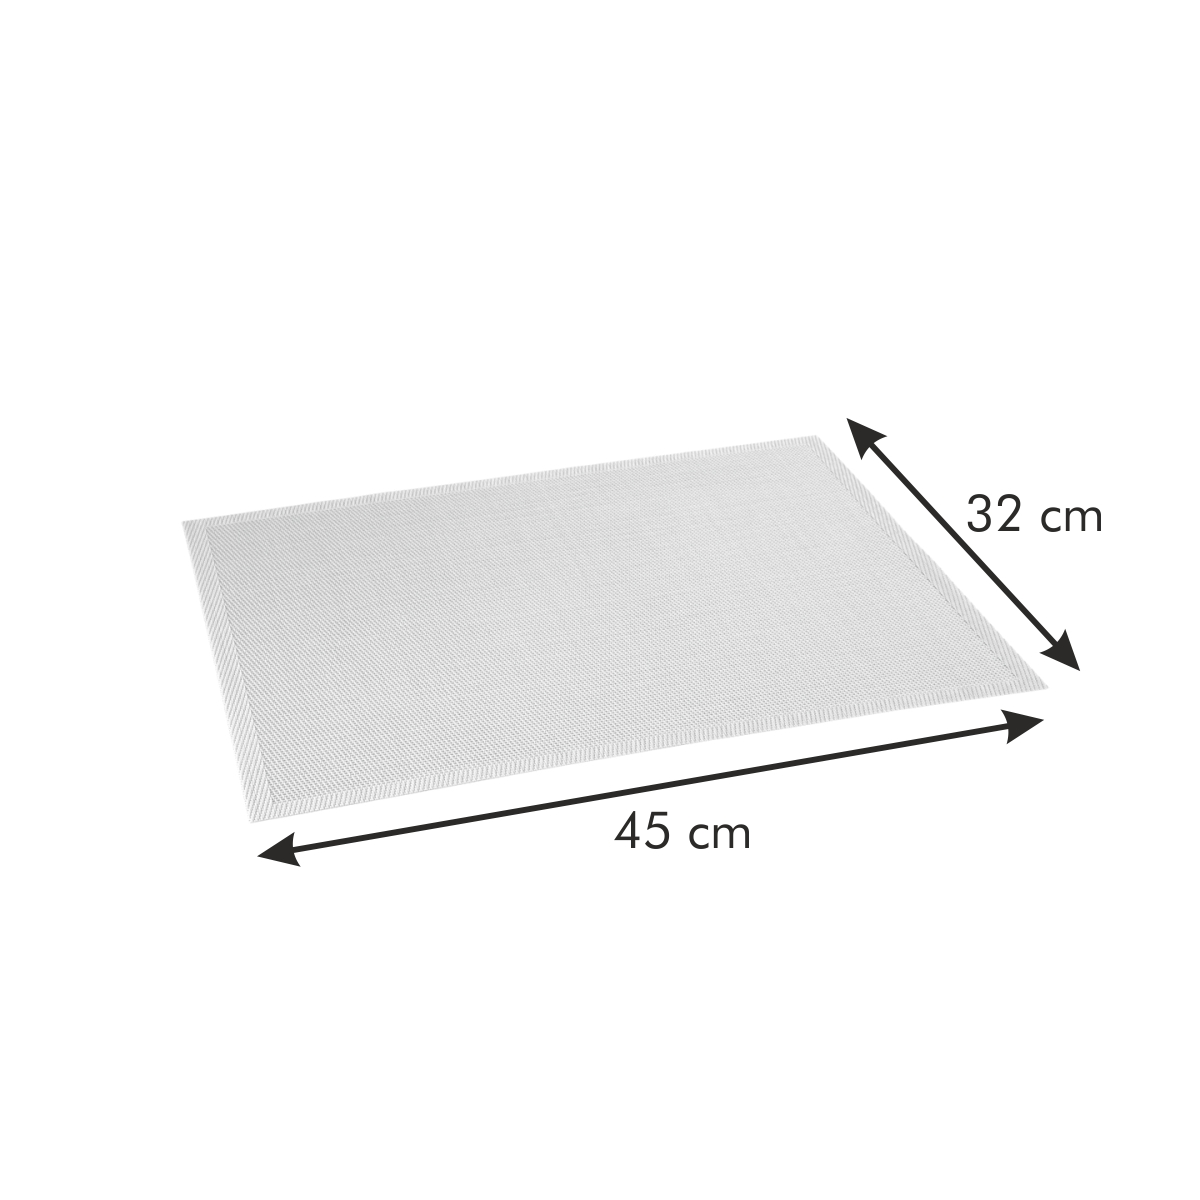 Prostírání FLAIR STYLE 45x32 cm, azurová